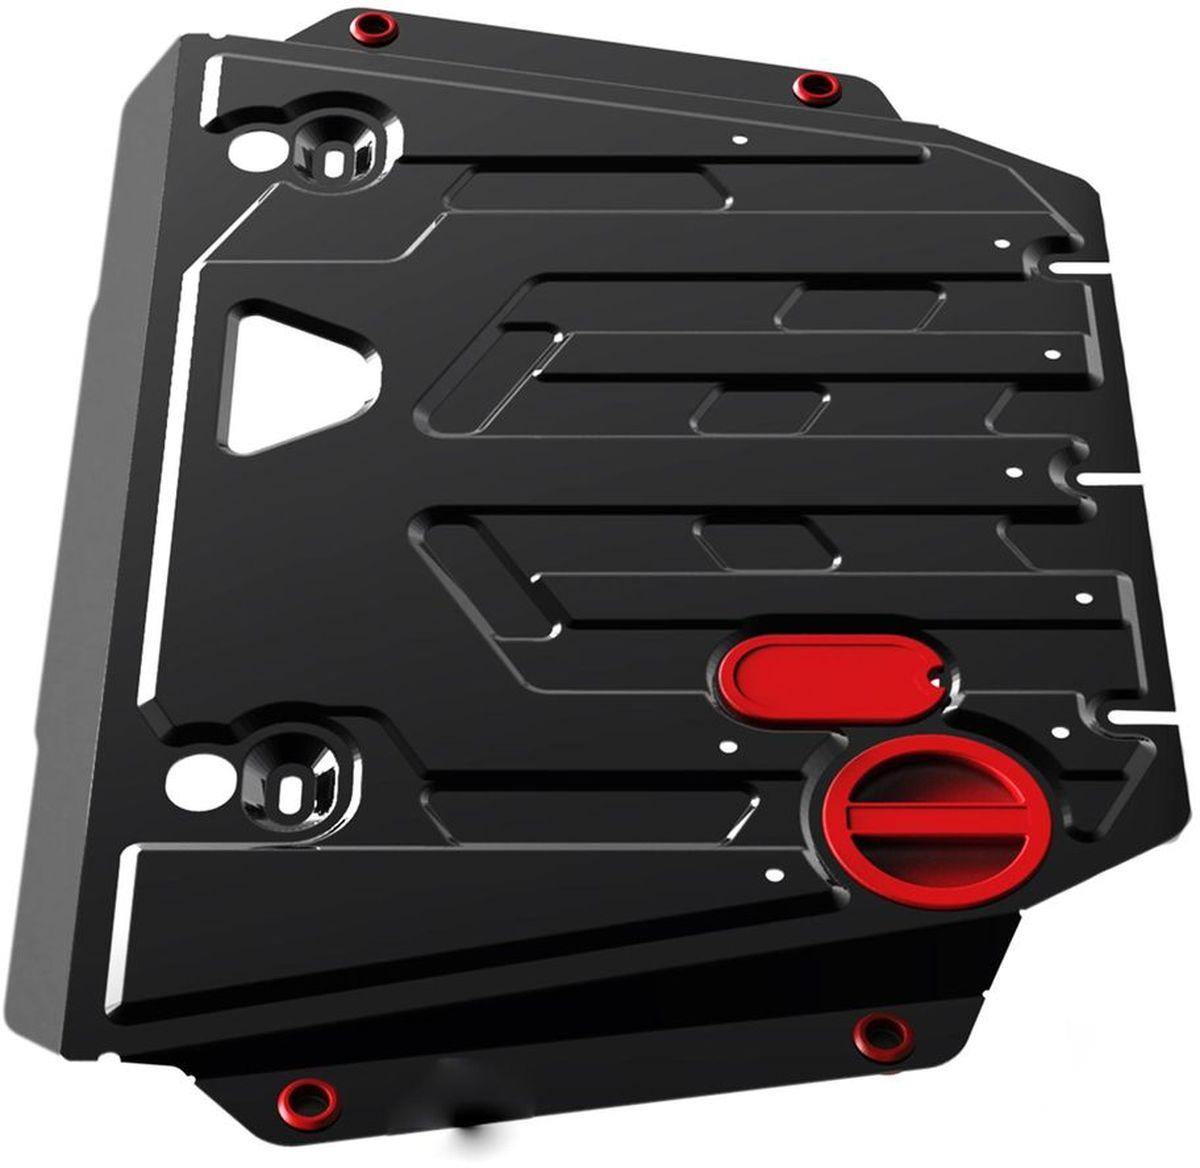 Защита картера и КПП Автоброня Honda Pilot 2008-2011, сталь 2 мм111.02105.3Защита картера и КПП Автоброня Honda Pilot, V - 3,5 2008-2011, сталь 2 мм, комплект крепежа, 111.02105.3Стальные защиты Автоброня надежно защищают ваш автомобиль от повреждений при наезде на бордюры, выступающие канализационные люки, кромки поврежденного асфальта или при ремонте дорог, не говоря уже о загородных дорогах.- Имеют оптимальное соотношение цена-качество.- Спроектированы с учетом особенностей автомобиля, что делает установку удобной.- Защита устанавливается в штатные места кузова автомобиля.- Является надежной защитой для важных элементов на протяжении долгих лет.- Глубокий штамп дополнительно усиливает конструкцию защиты.- Подштамповка в местах крепления защищает крепеж от срезания.- Технологические отверстия там, где они необходимы для смены масла и слива воды, оборудованные заглушками, закрепленными на защите.Толщина стали 2 мм.В комплекте крепеж и инструкция по установке.Уважаемые клиенты!Обращаем ваше внимание на тот факт, что защита имеет форму, соответствующую модели данного автомобиля. Наличие глубокого штампа и лючков для смены фильтров/масла предусмотрено не на всех защитах. Фото служит для визуального восприятия товара.